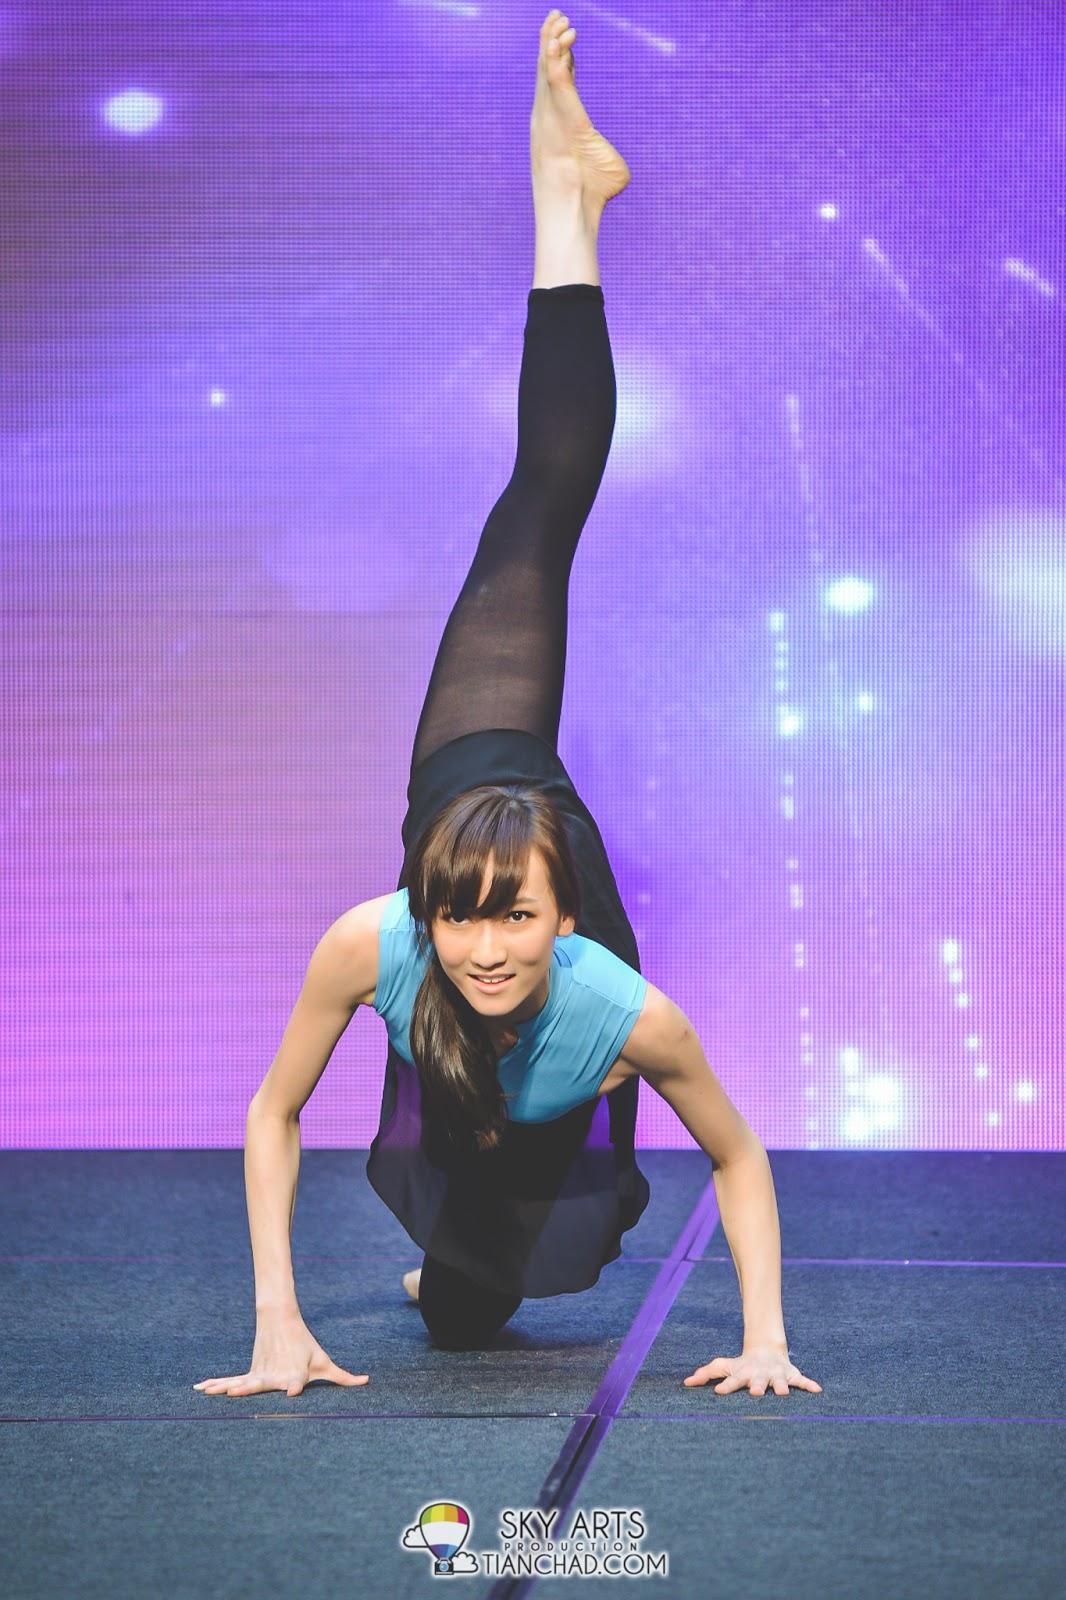 1号佳丽余晓薇是获奖无数的舞蹈老师,才艺表演当然是选择自己的强项,舞蹈